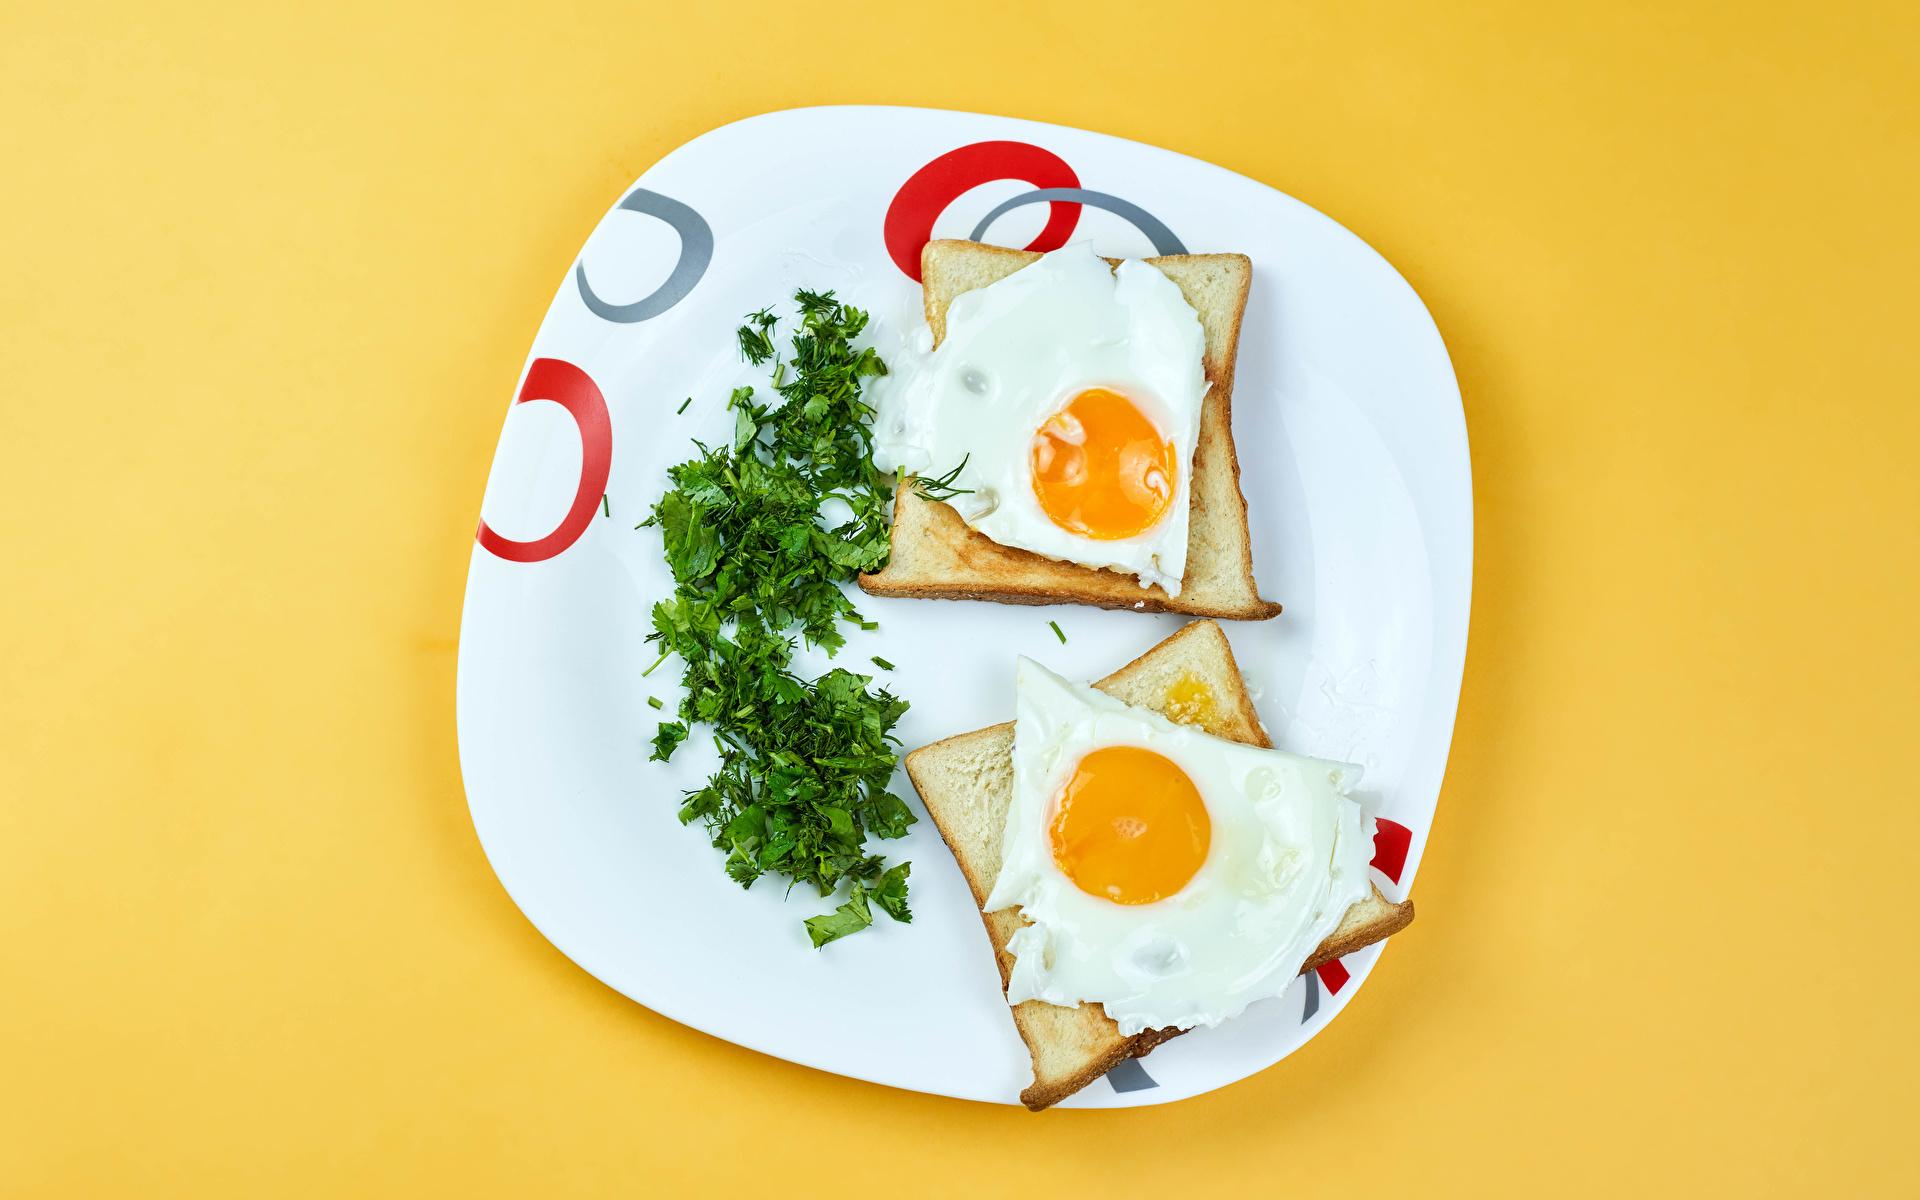 Картинки Яичница два Хлеб Укроп тарелке Продукты питания Цветной фон 1920x1200 яичницы глазунья 2 две Двое вдвоем Еда Пища Тарелка